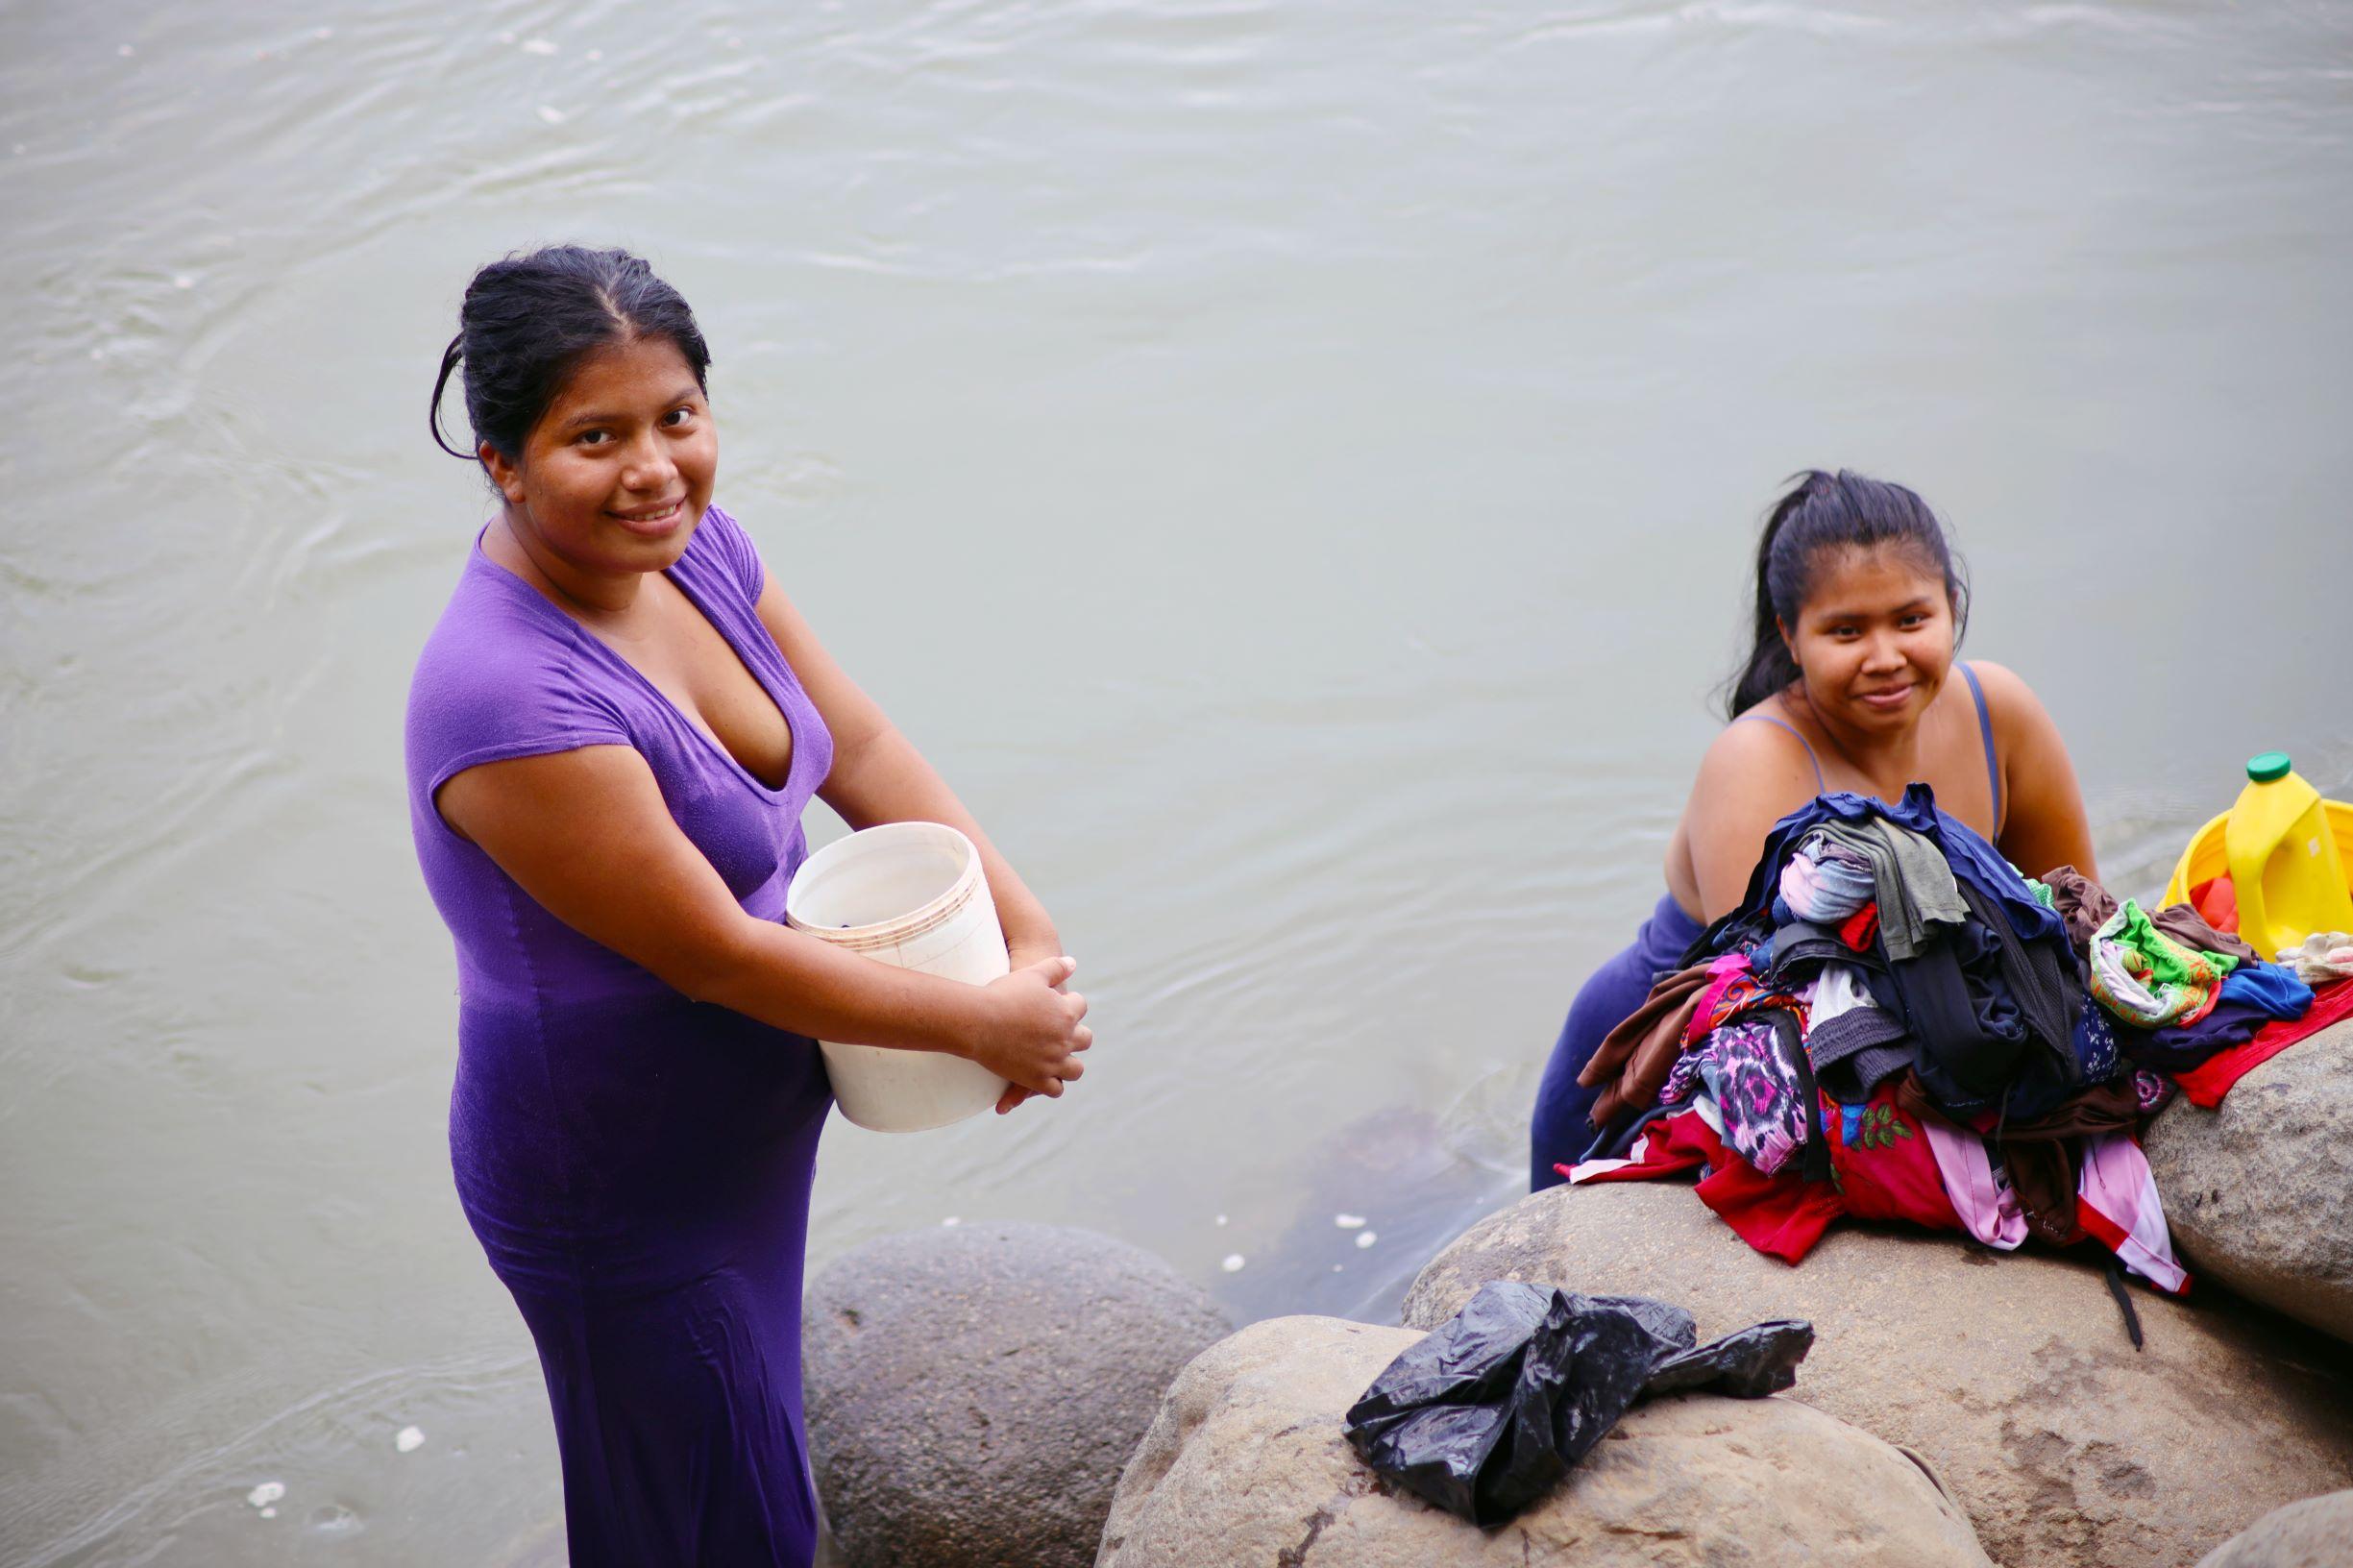 Mujeres indígenas en la frontera entre Panamá y Costa Rica enfrentan los desafíos del desarrollo de infraestructura sin olvidar sus tradiciones